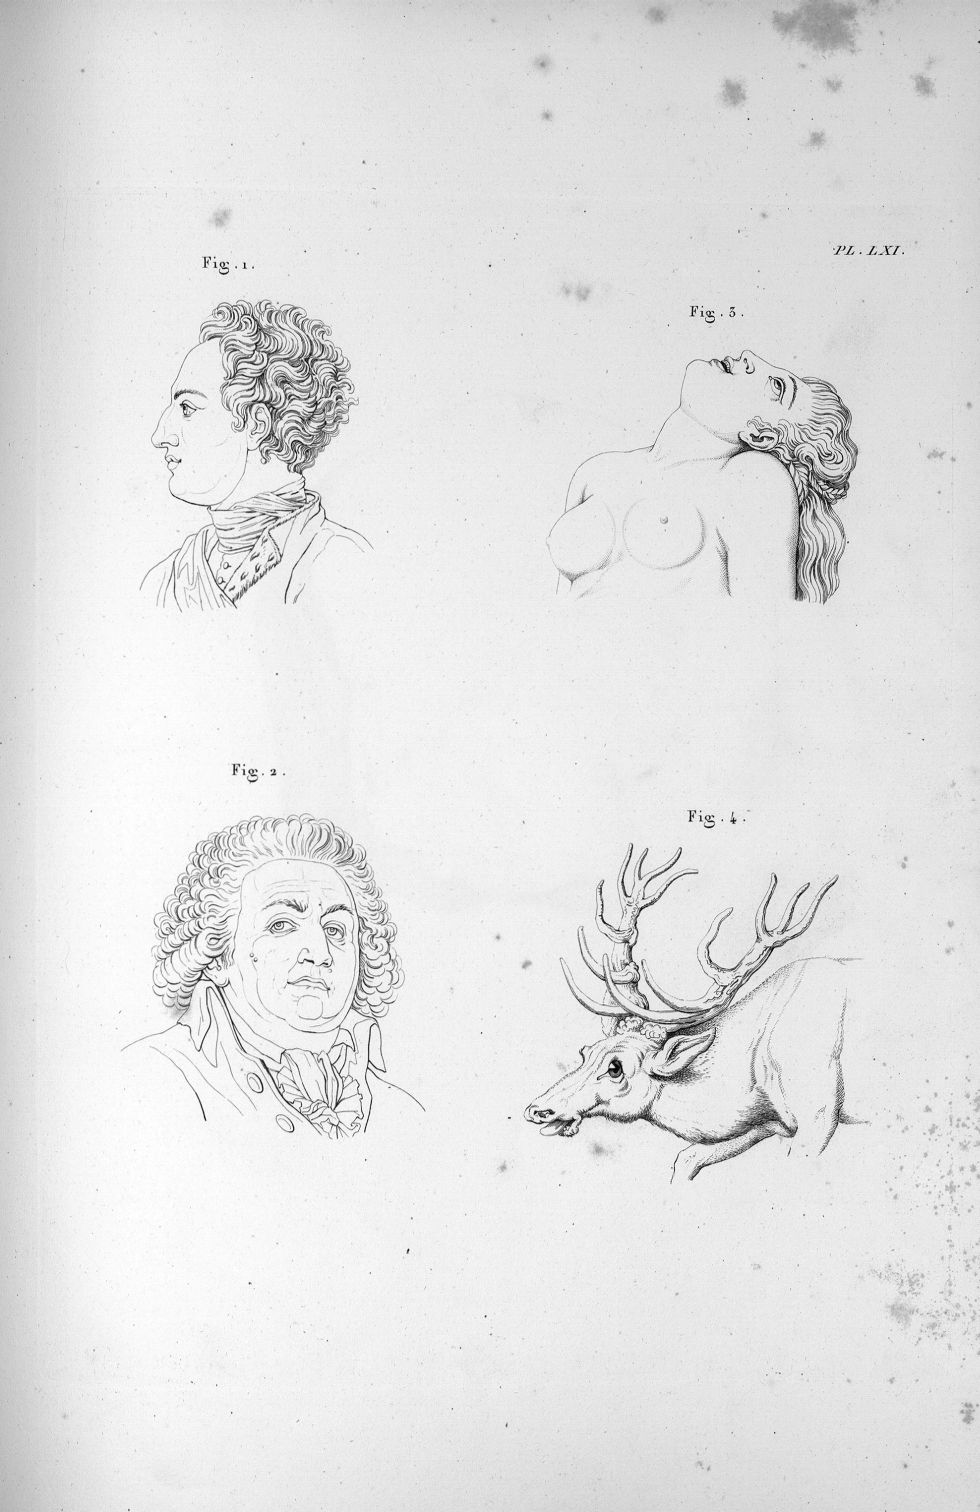 Pl. LXI. Fig. 1. Charles XII / Fig. 2. Mirabeau / Fig. 3 et 4. Mimique de l'amour physique - Anatomi [...] - Anatomie. Neurologie. Physiognomonie. 19e siècle (France) - med00575x03x0313